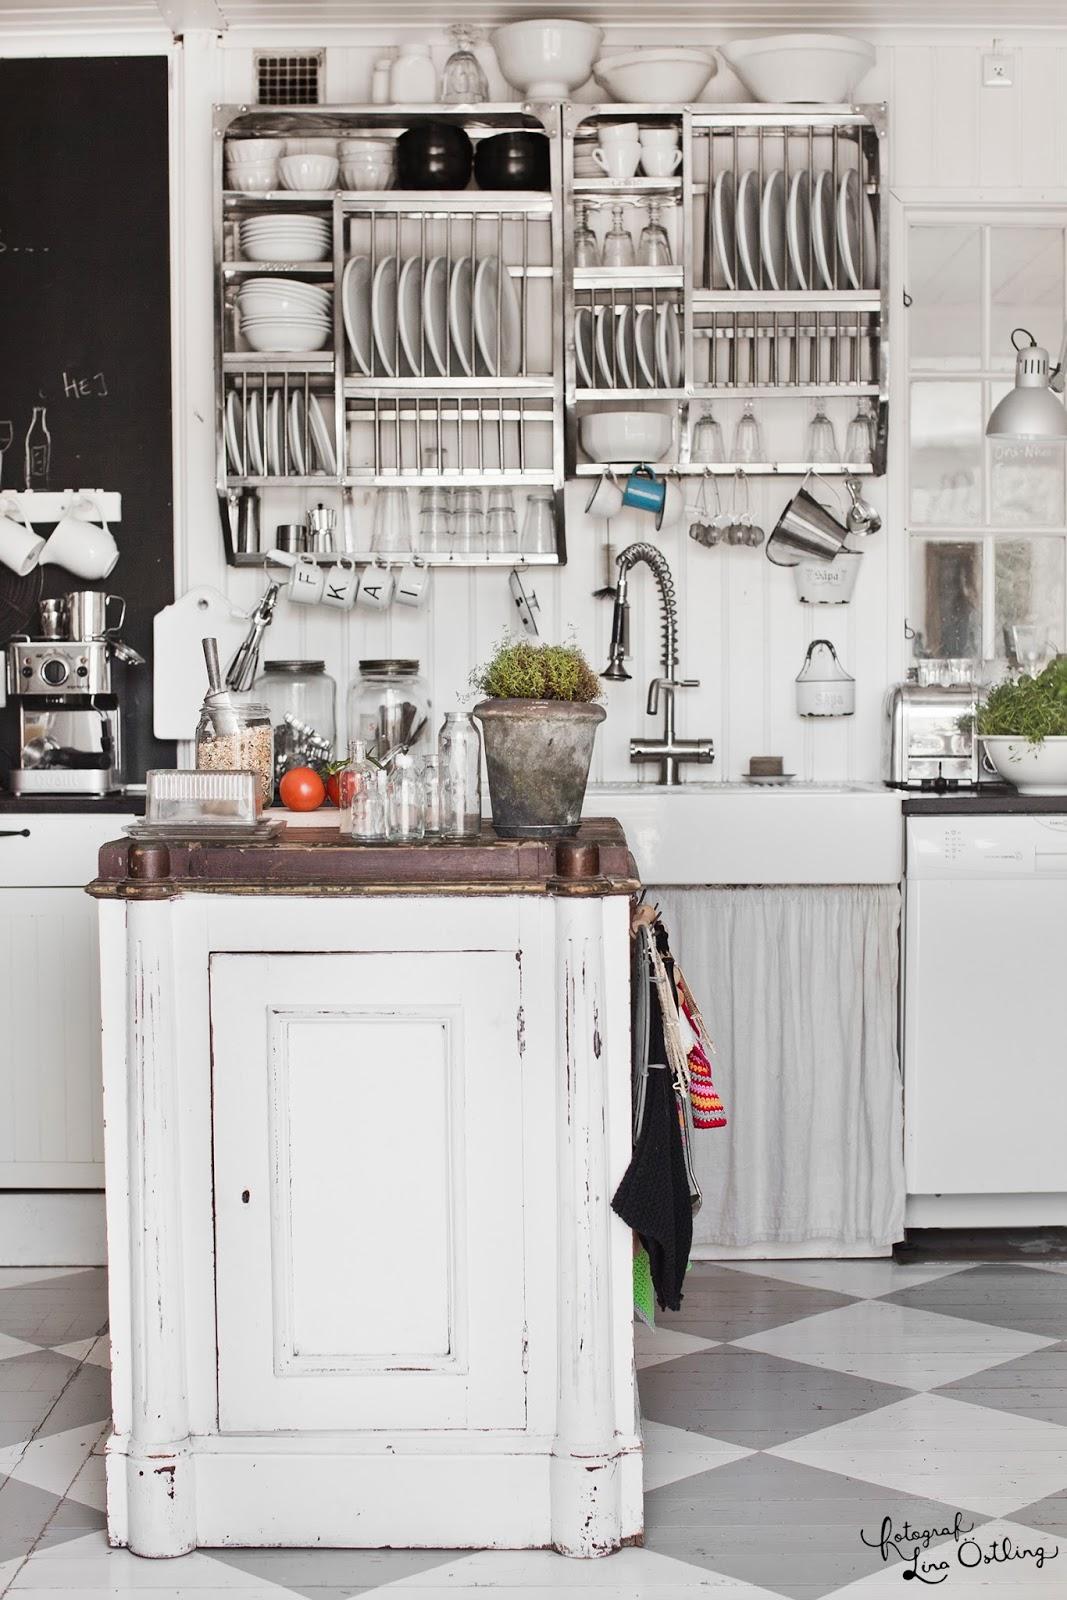 vintage johanna flyckt gashi inredningsstylist prenons le temps. Black Bedroom Furniture Sets. Home Design Ideas